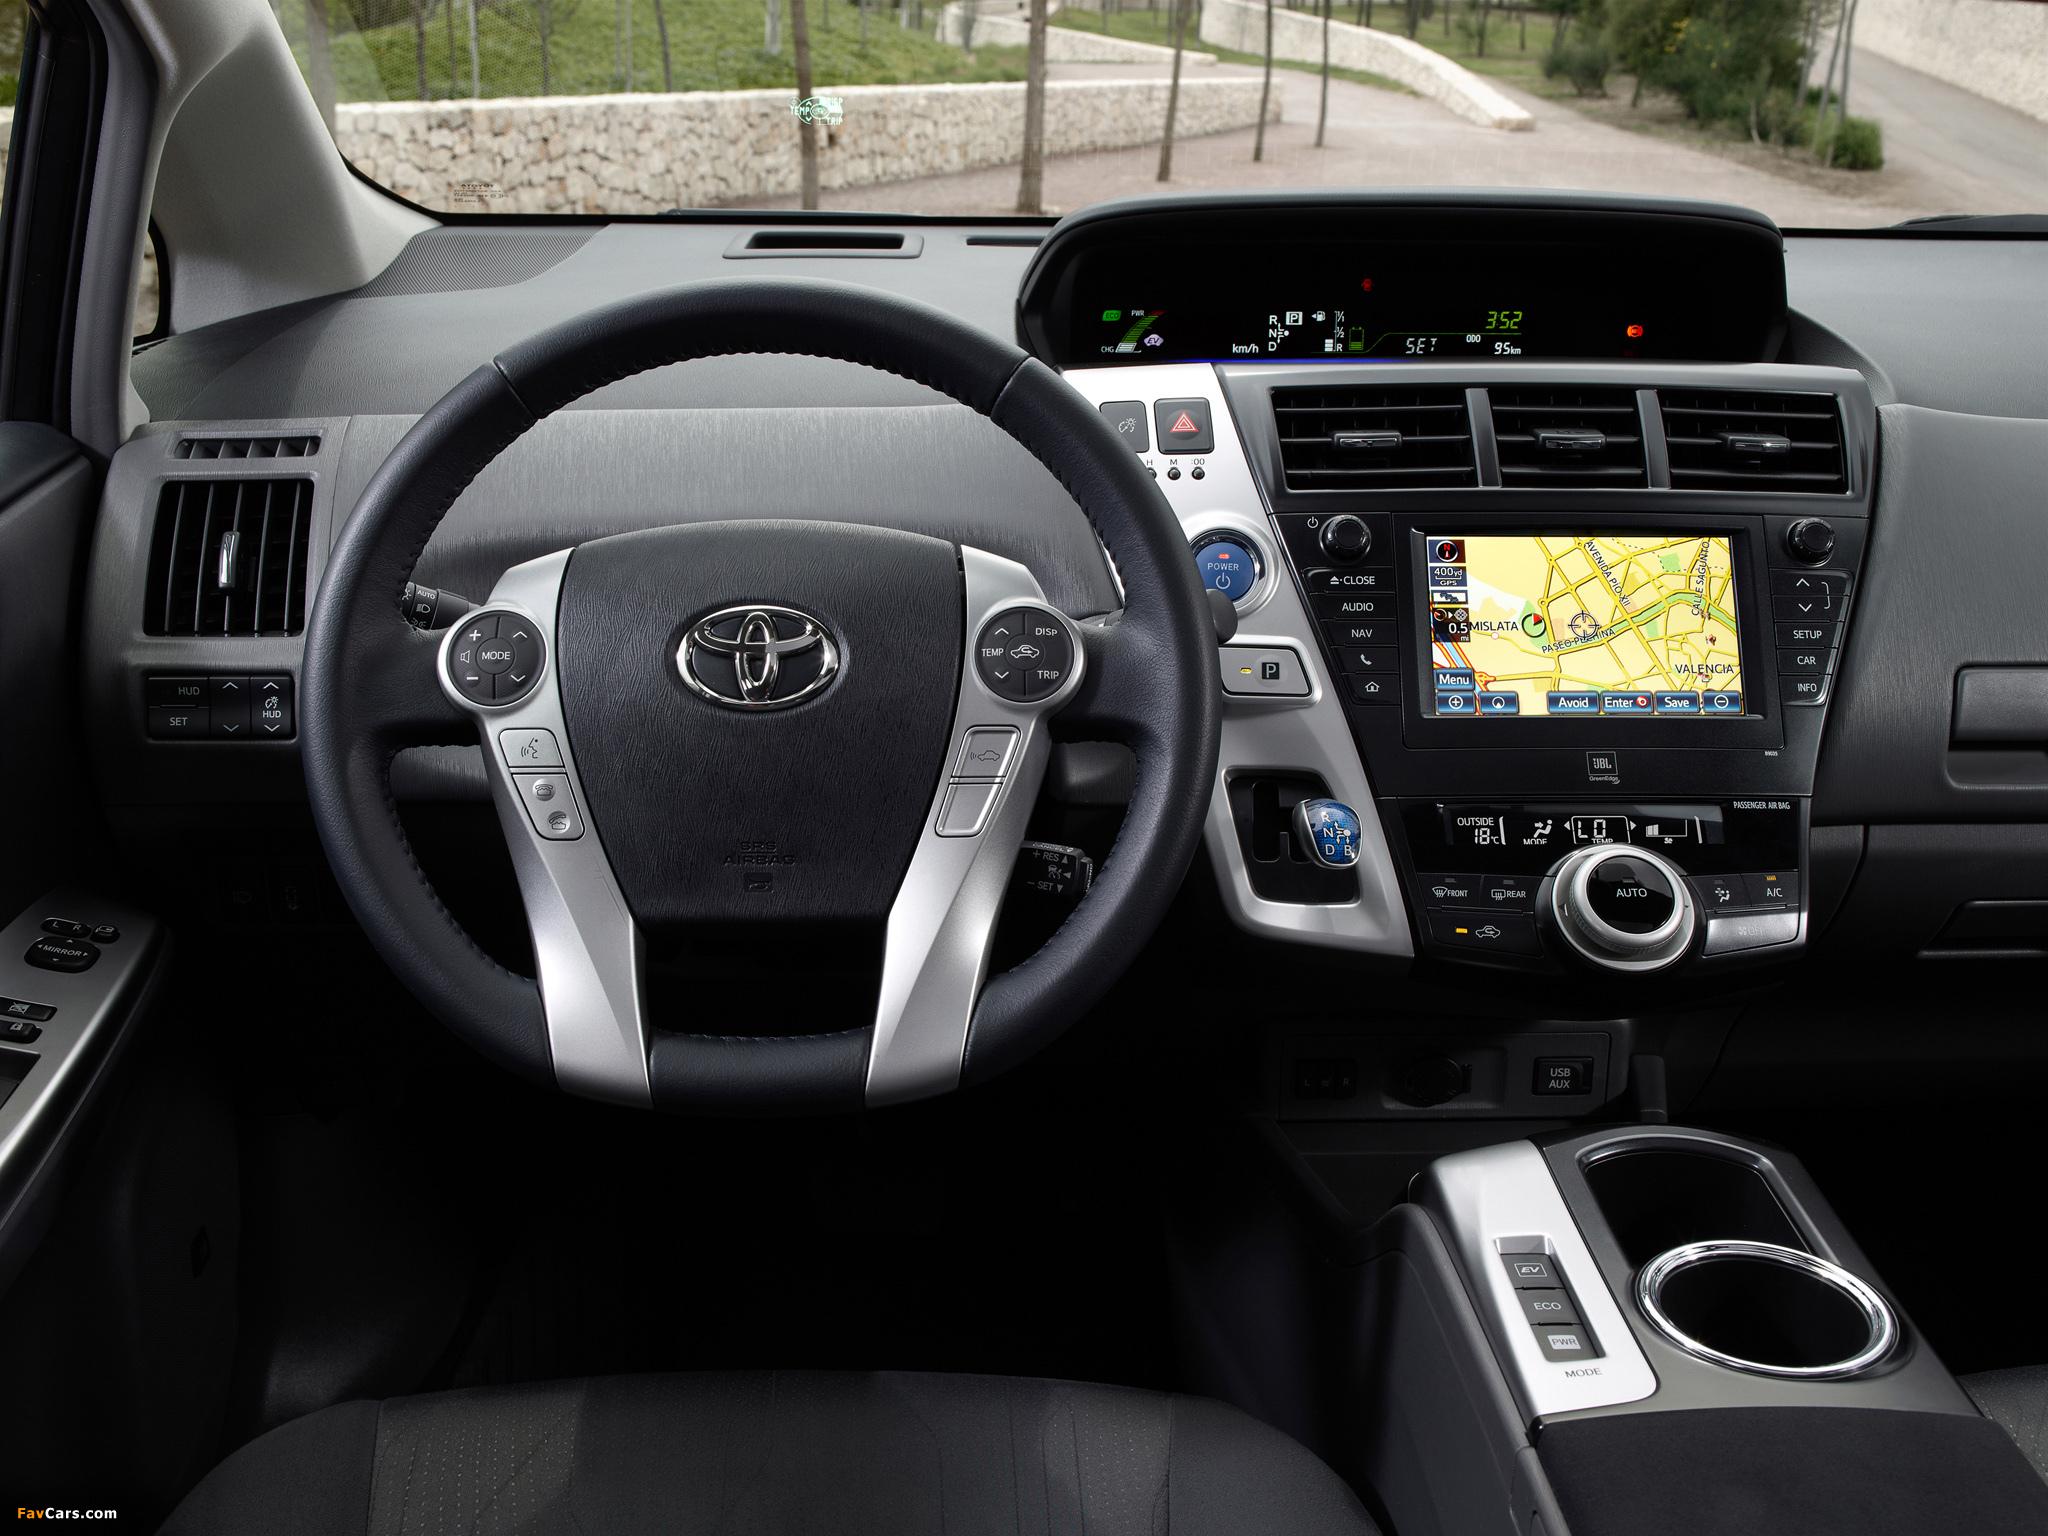 Toyota Приус 2016 отзывы